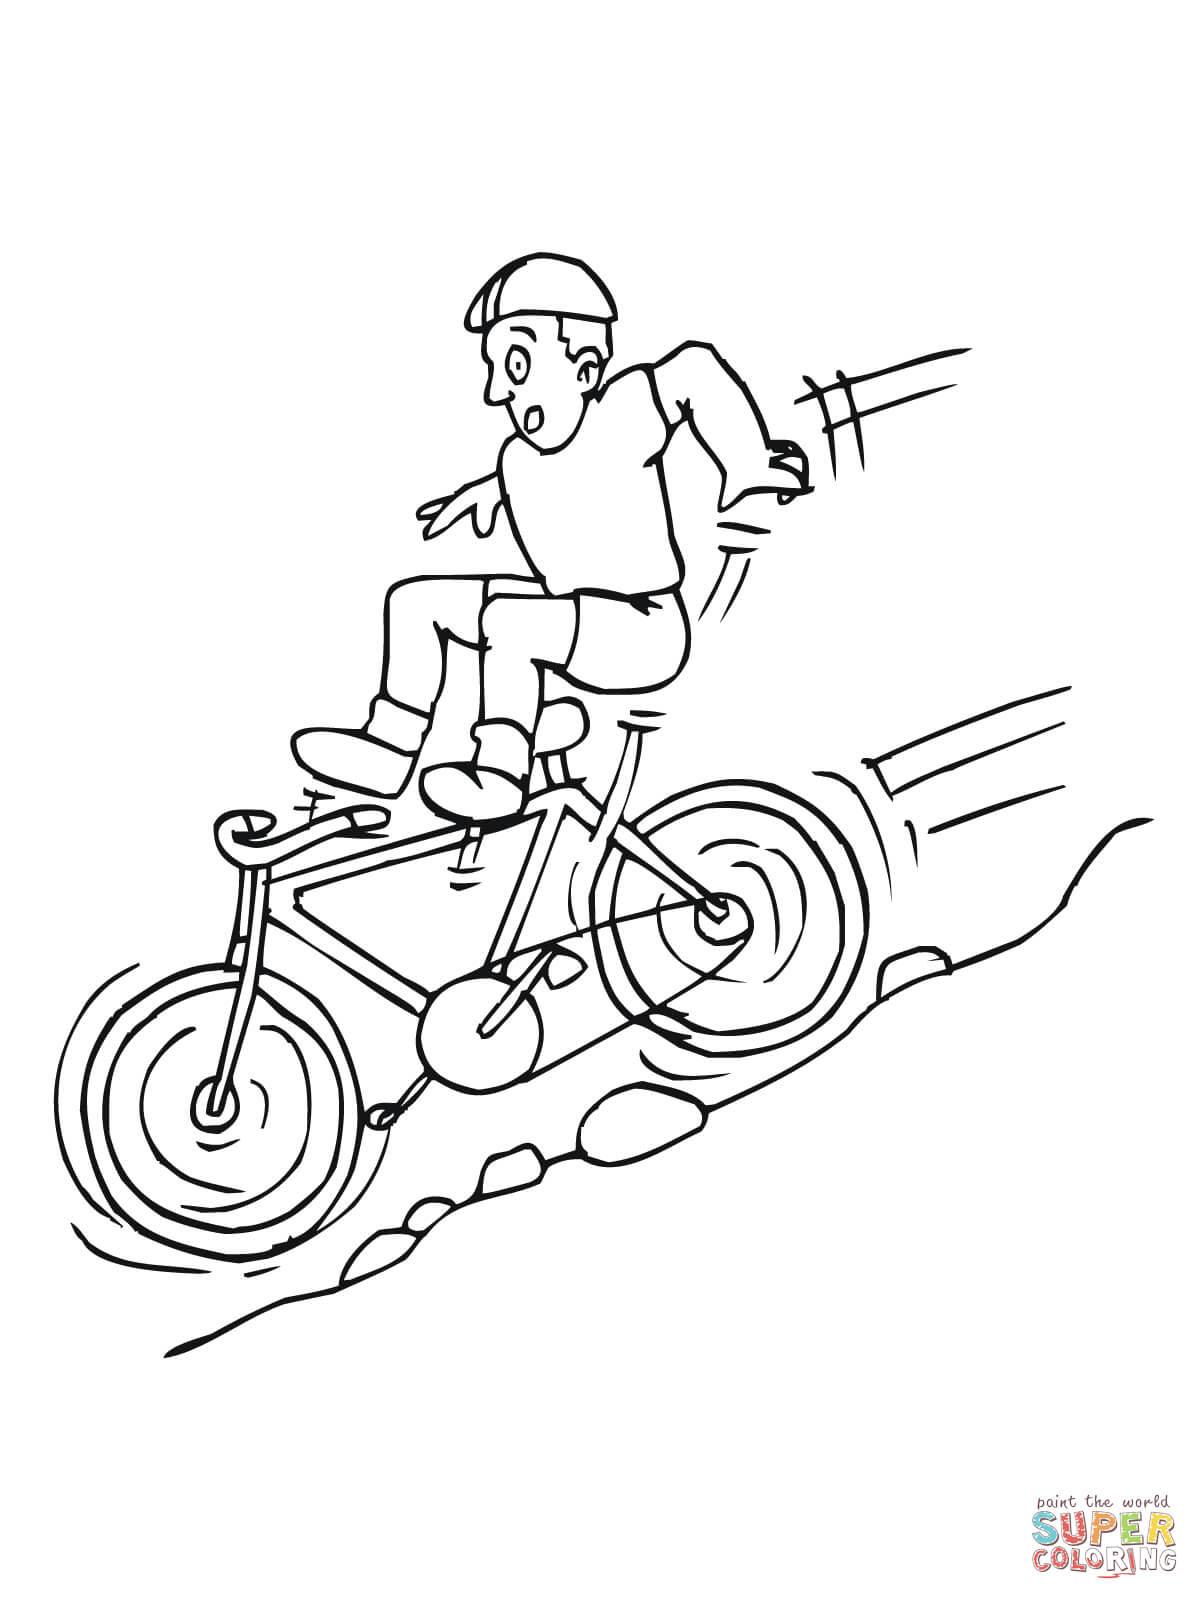 Klick das Bild Bergab auf dem Mountain Bike